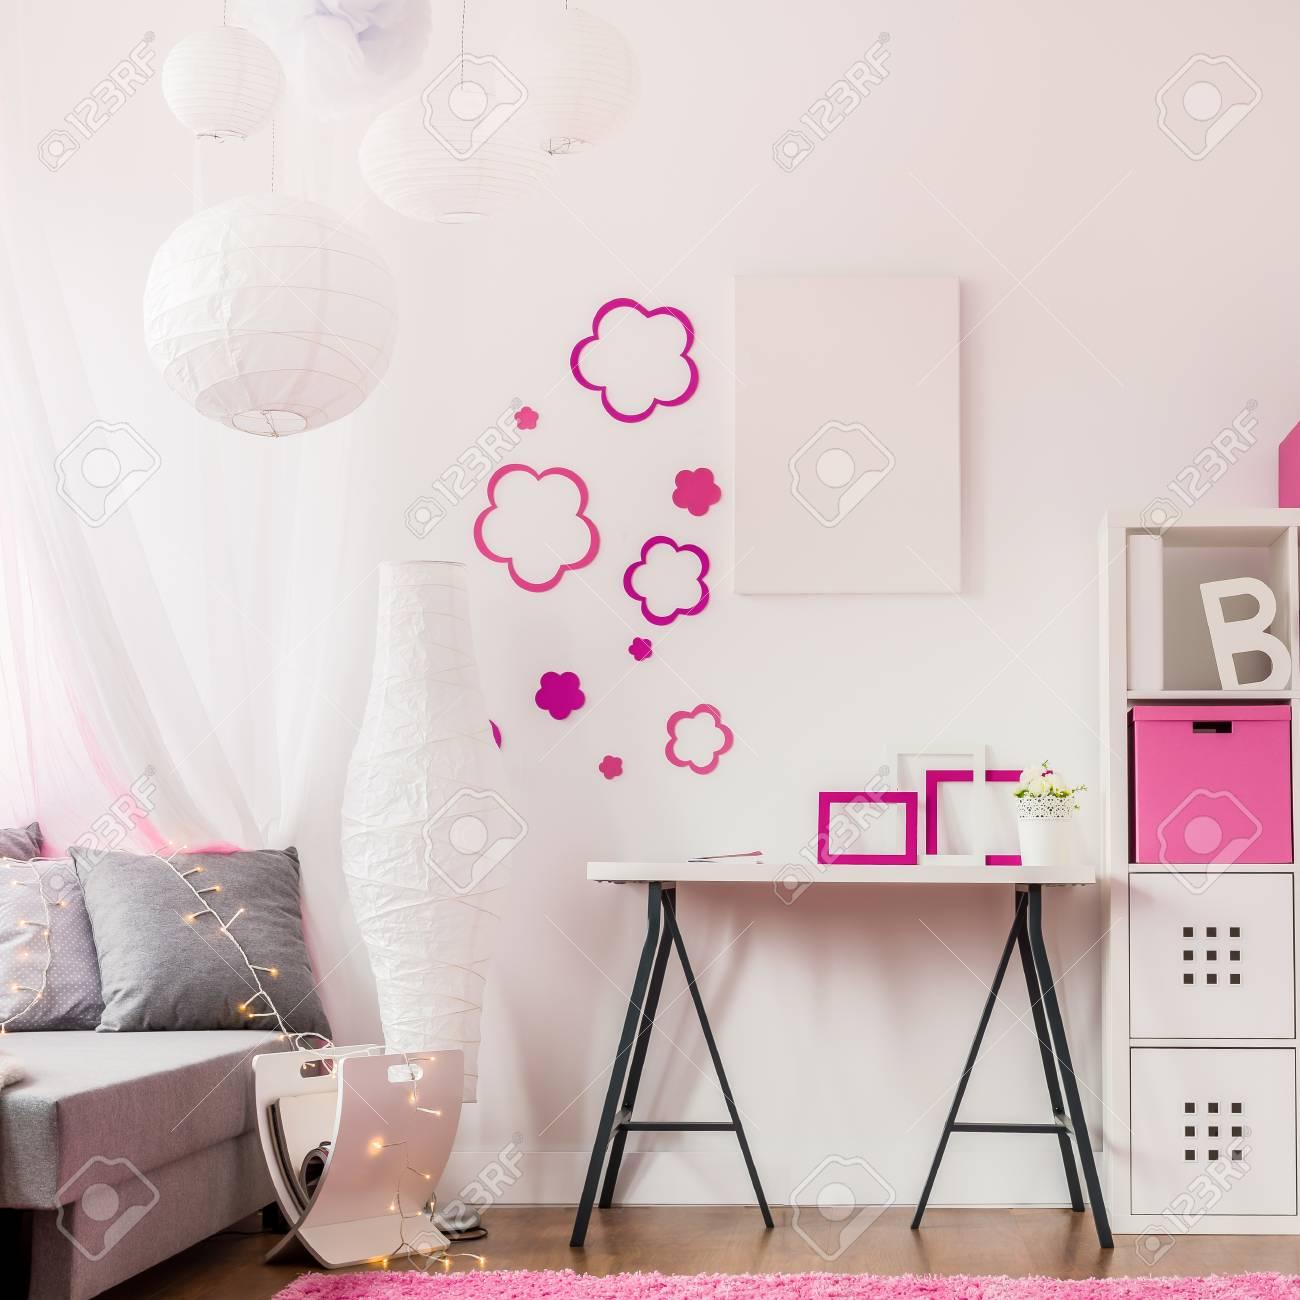 Bild Des Modernen Zimmer Mit Modernen Kindermöbel Lizenzfreie Fotos